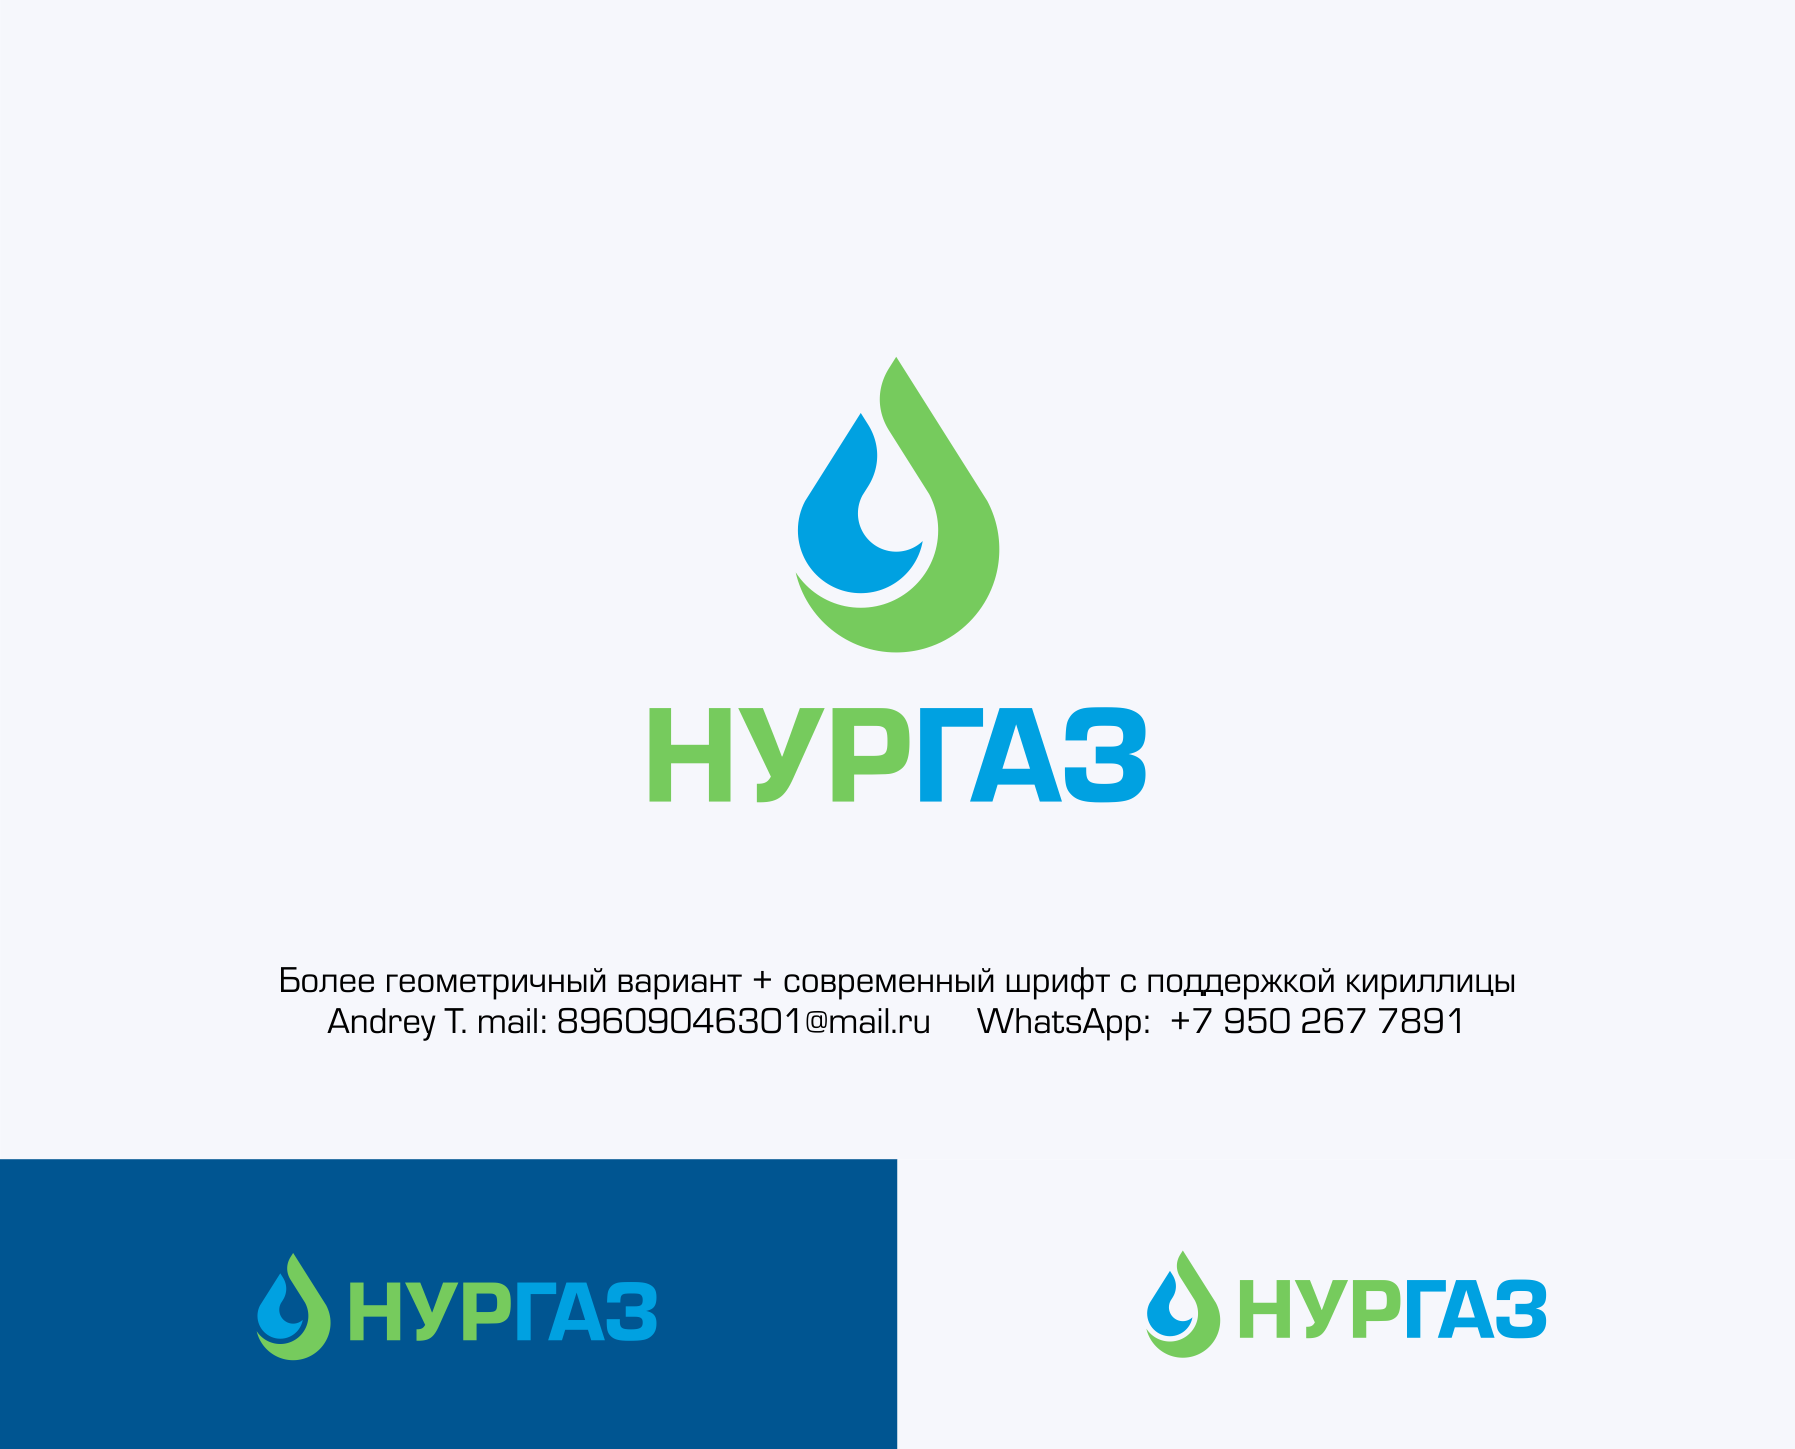 Разработка логотипа и фирменного стиля фото f_6105d9bf80d4eaab.png